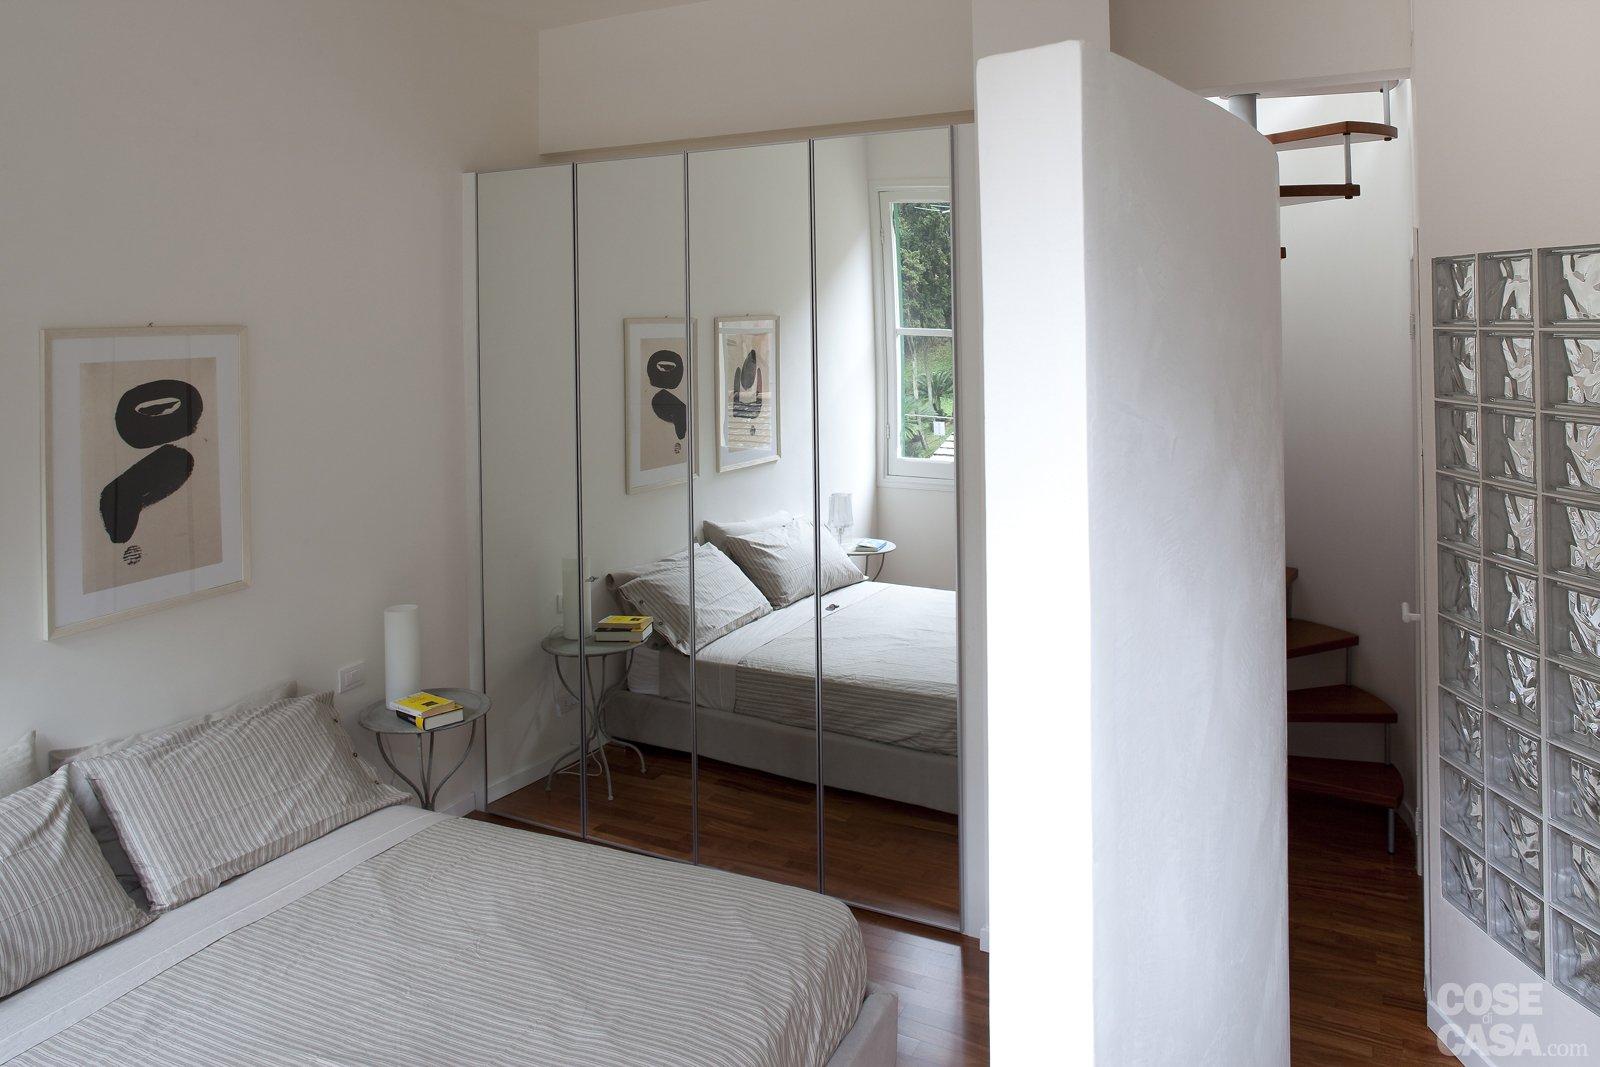 48 mq bilocale su due livelli cose di casa for Piani di alloggio con 12 camere da letto